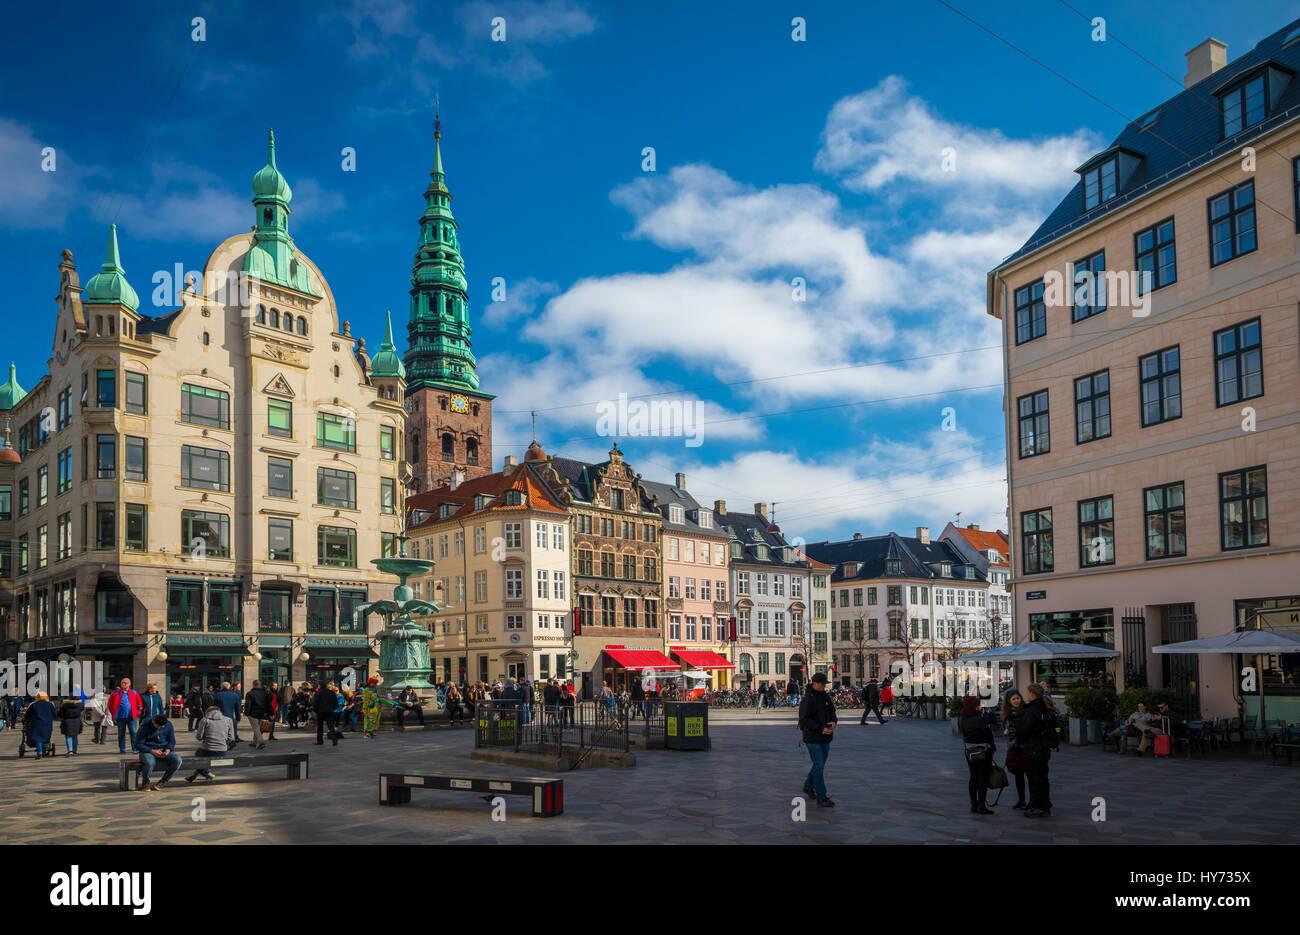 Amagertorv (Inglés: Amager Square), hoy en día, forman parte de la zona peatonal de Strøget, a menudo se describe como la mayor plaza central en el centro de Copenhague, D Foto de stock